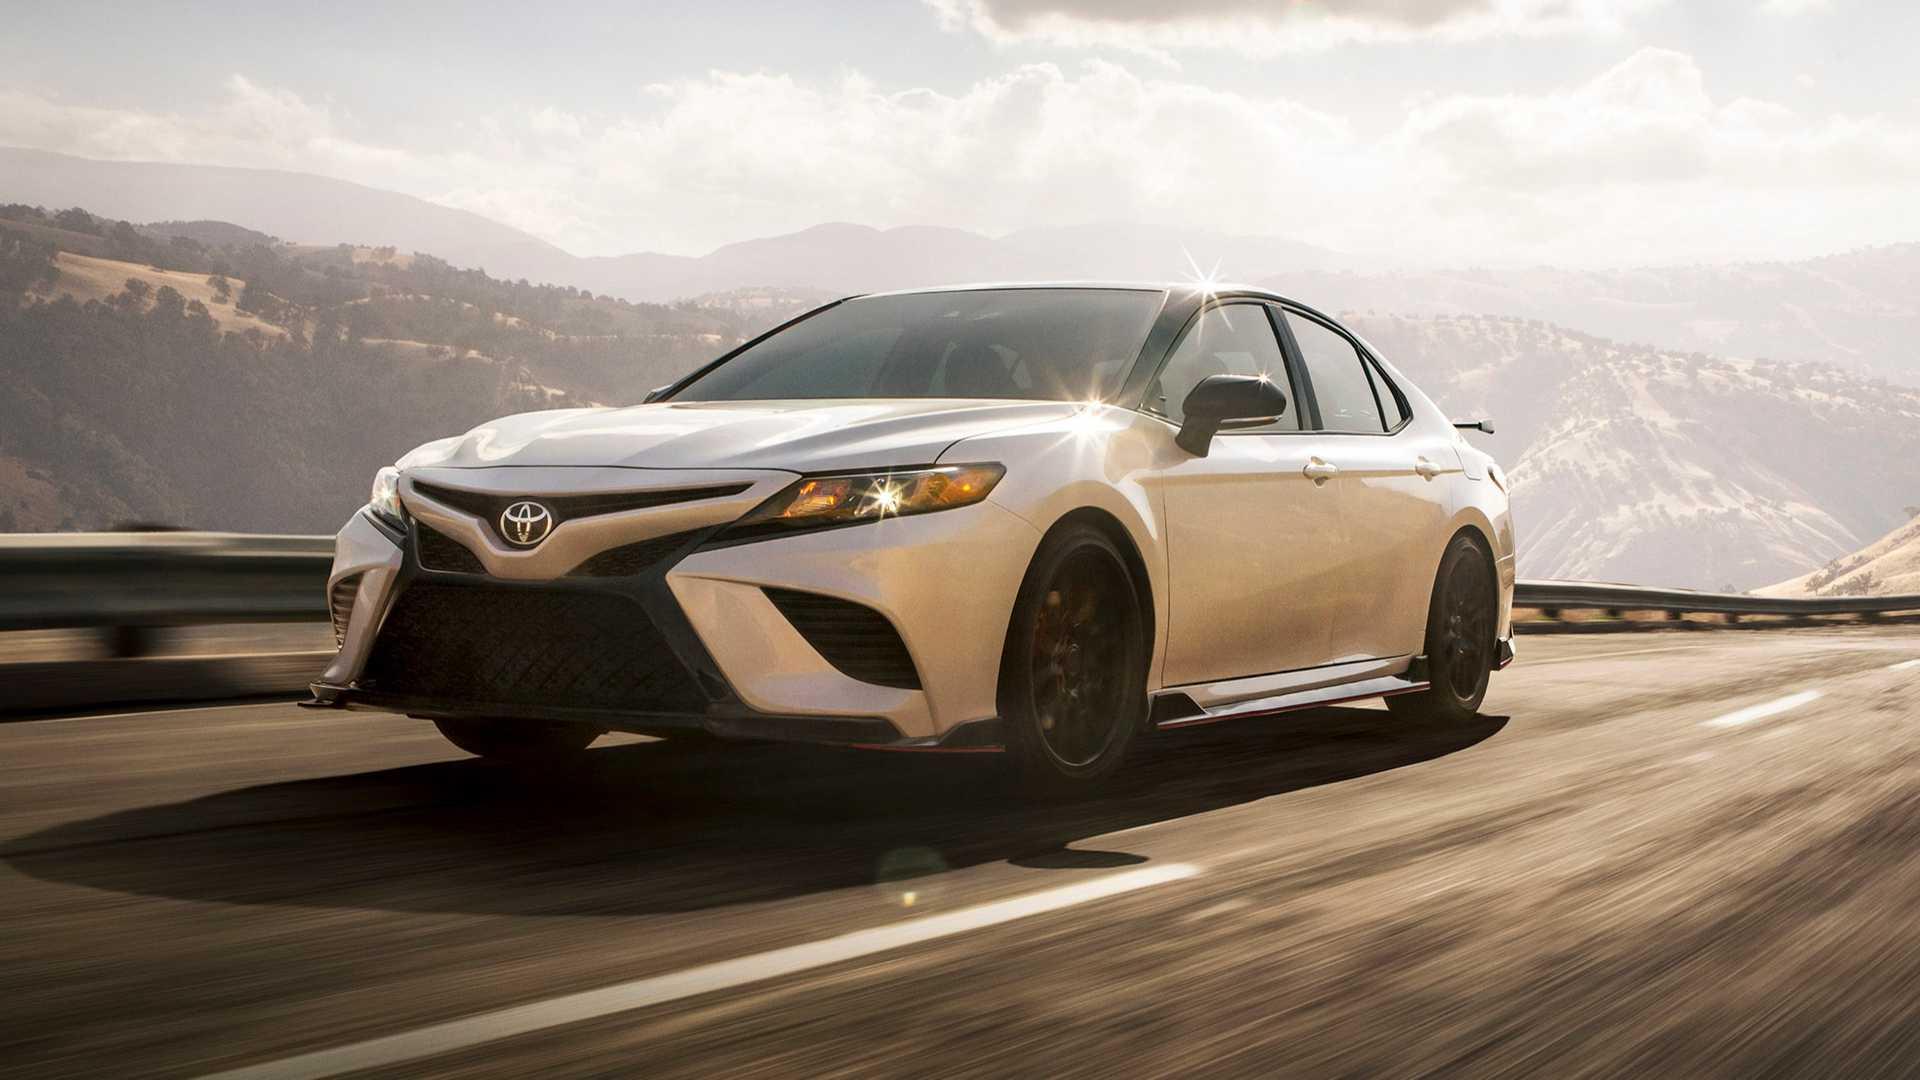 Toyota Camry TRD 2020 sản xuất giới hạn, công bố giá từ 744 triệu - 04